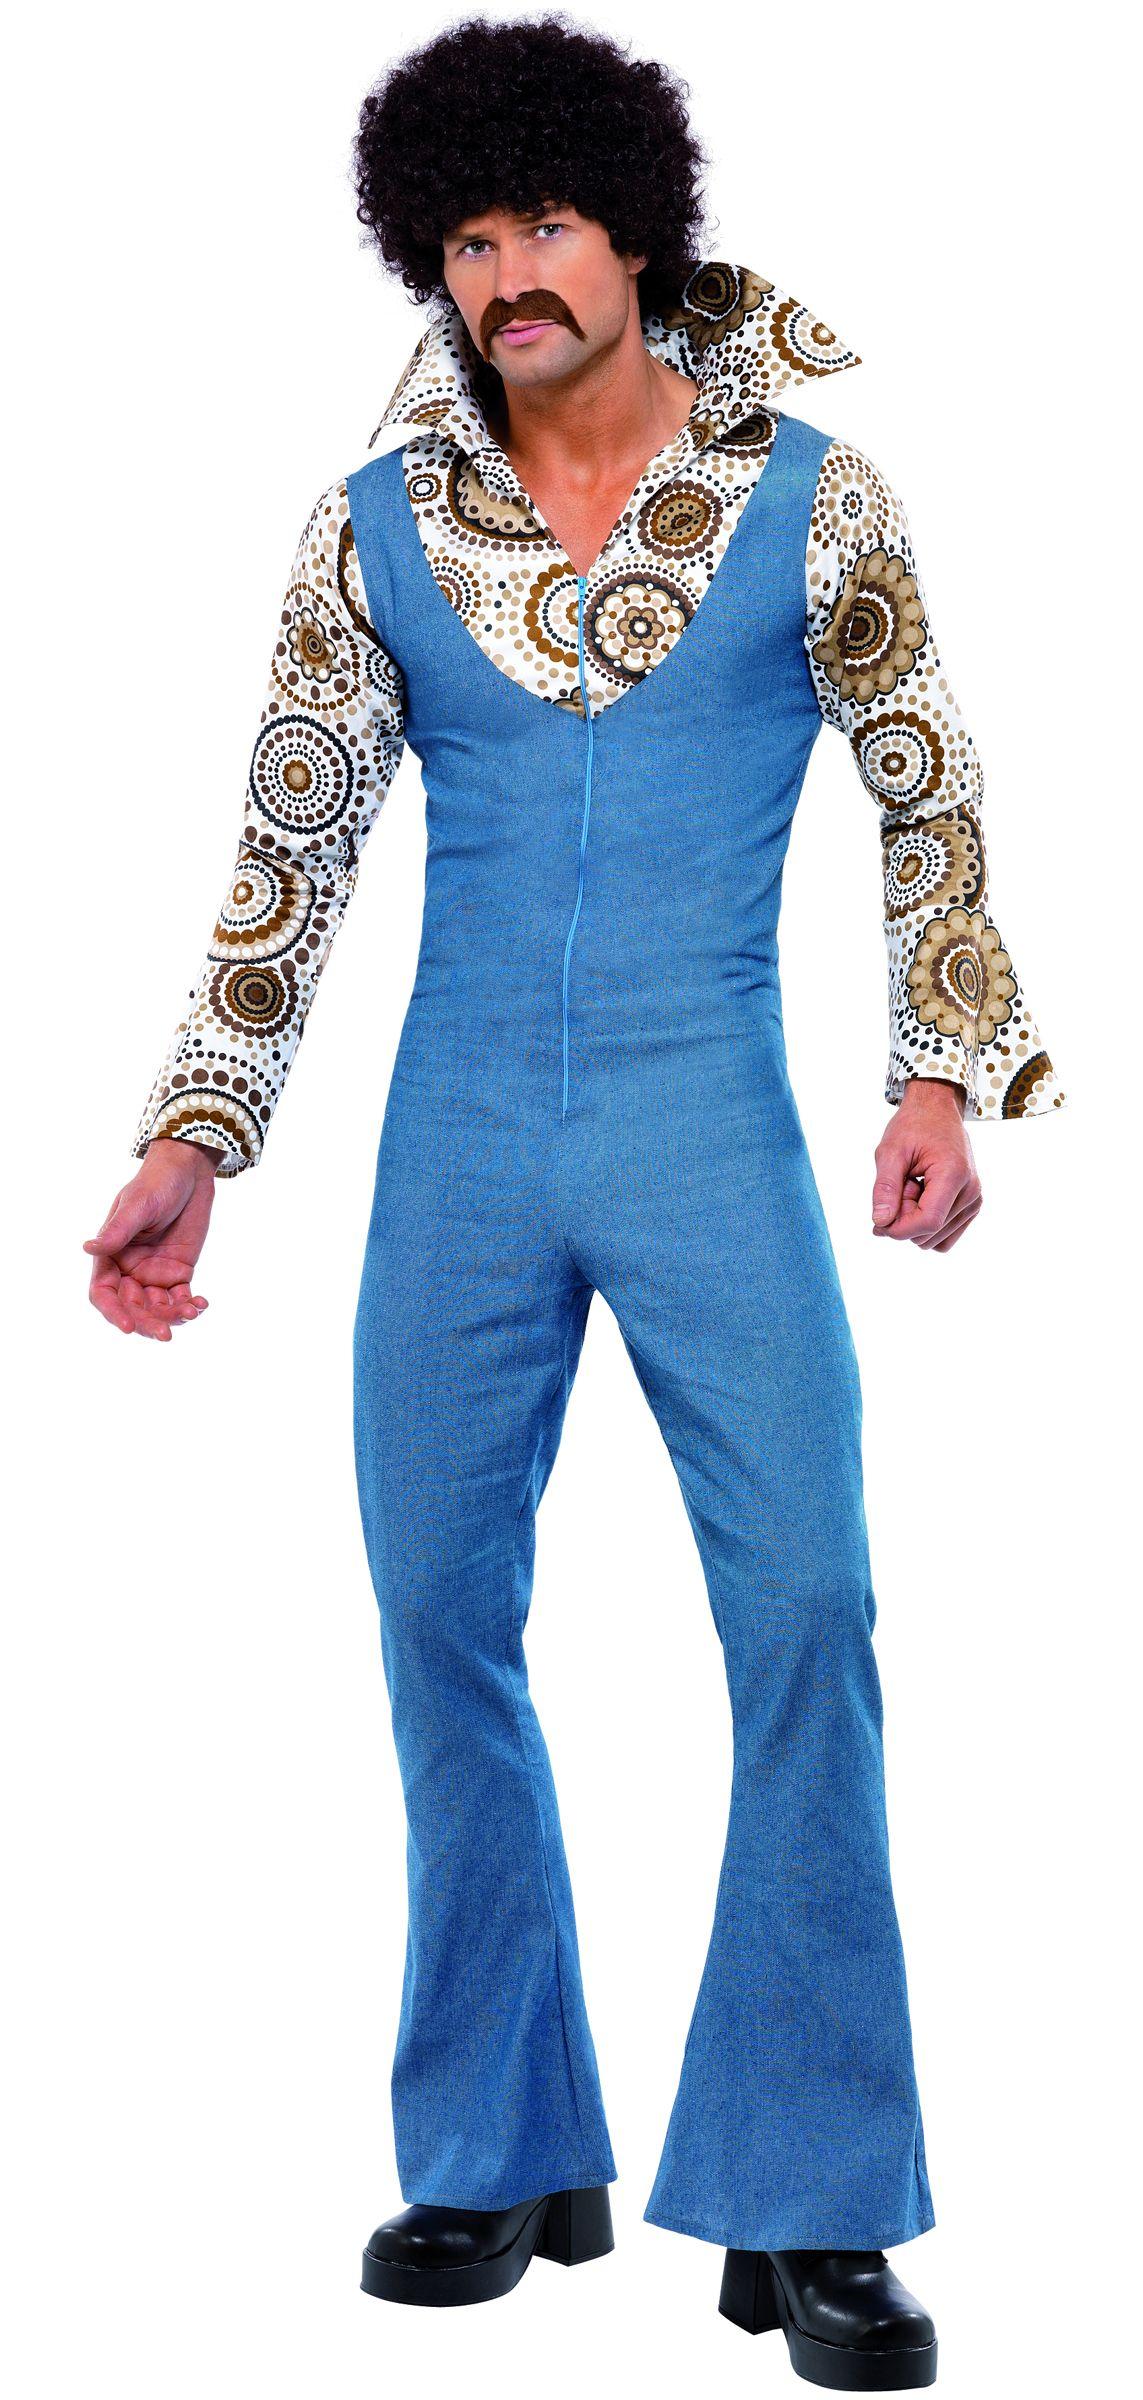 31bbb30c40 Disfraz disco de los años 70 para hombre  Este disfraz disco para hombre se  compone de un traje azul.La falsa camisa abigarrada está cosida al traje  que se ...